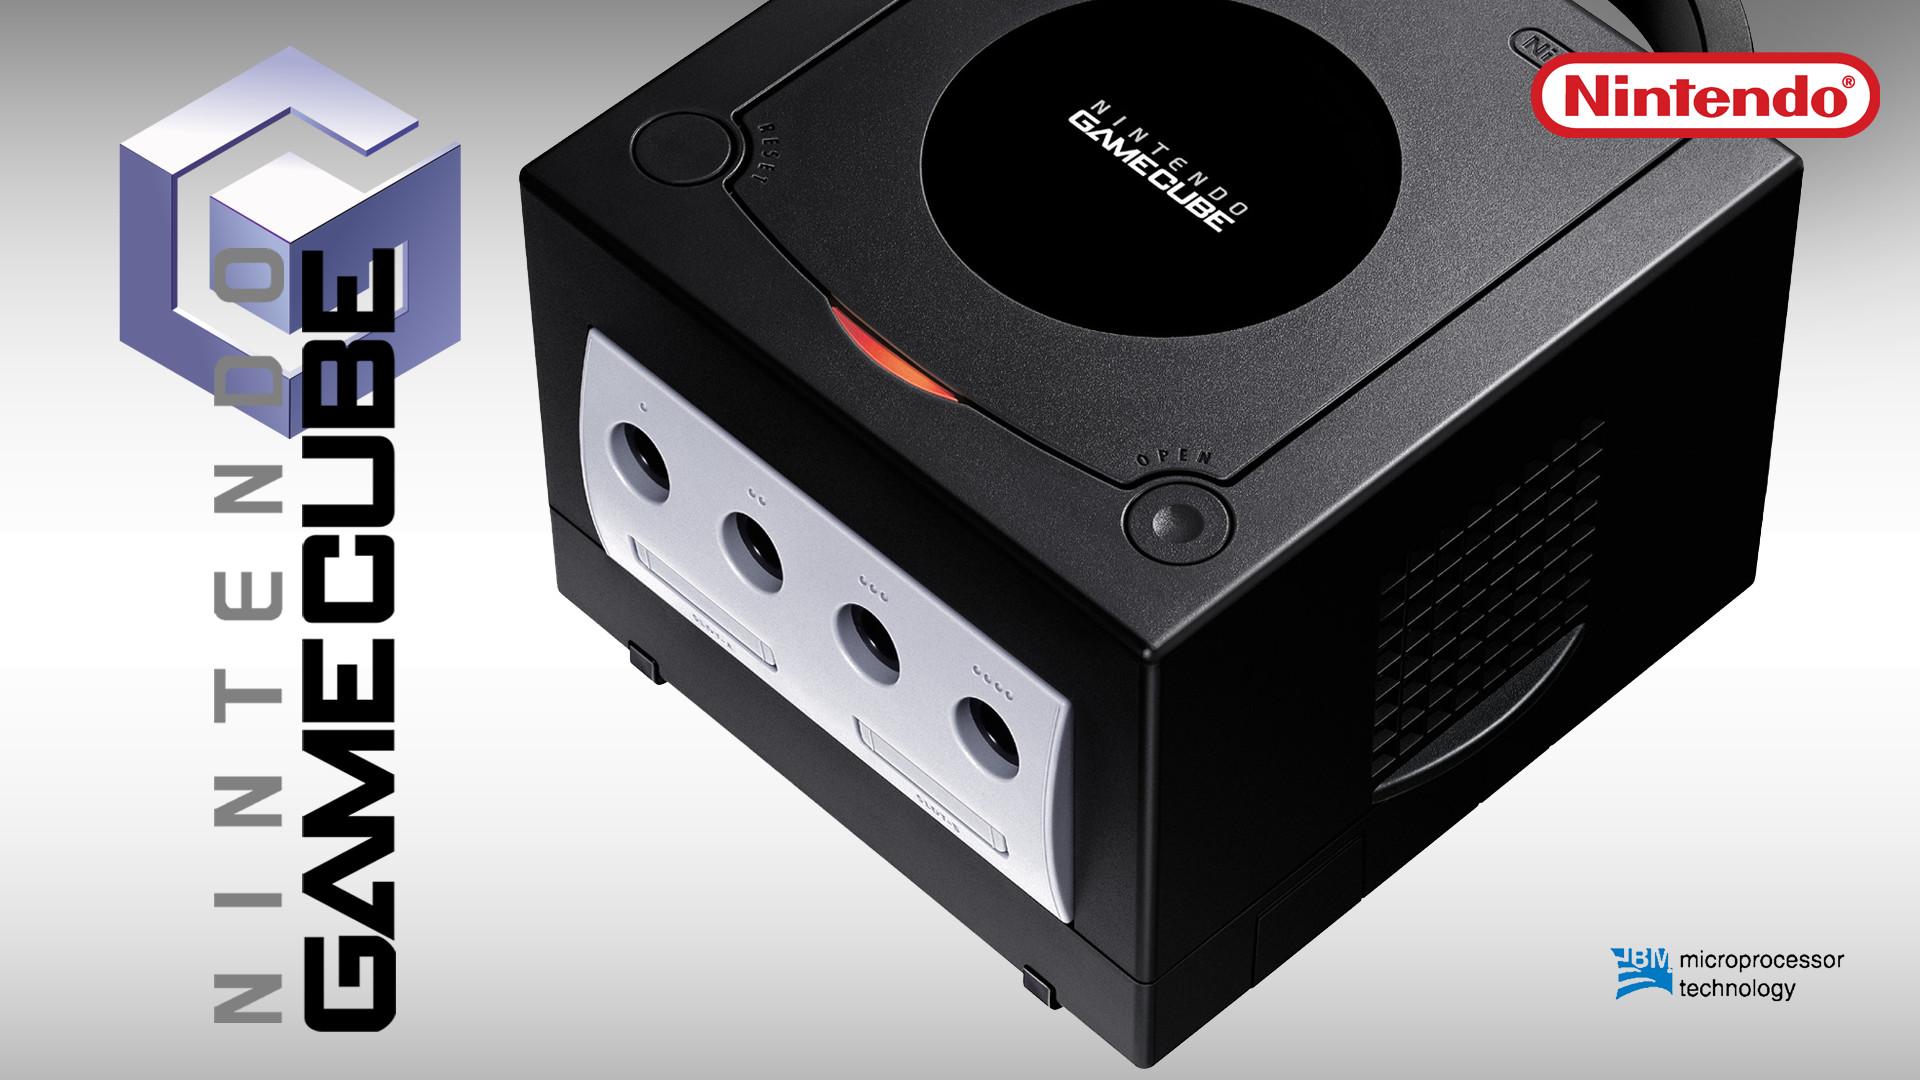 TOP 10 – ¡Los mejores juegos para el Nintendo GameCube! - NPe